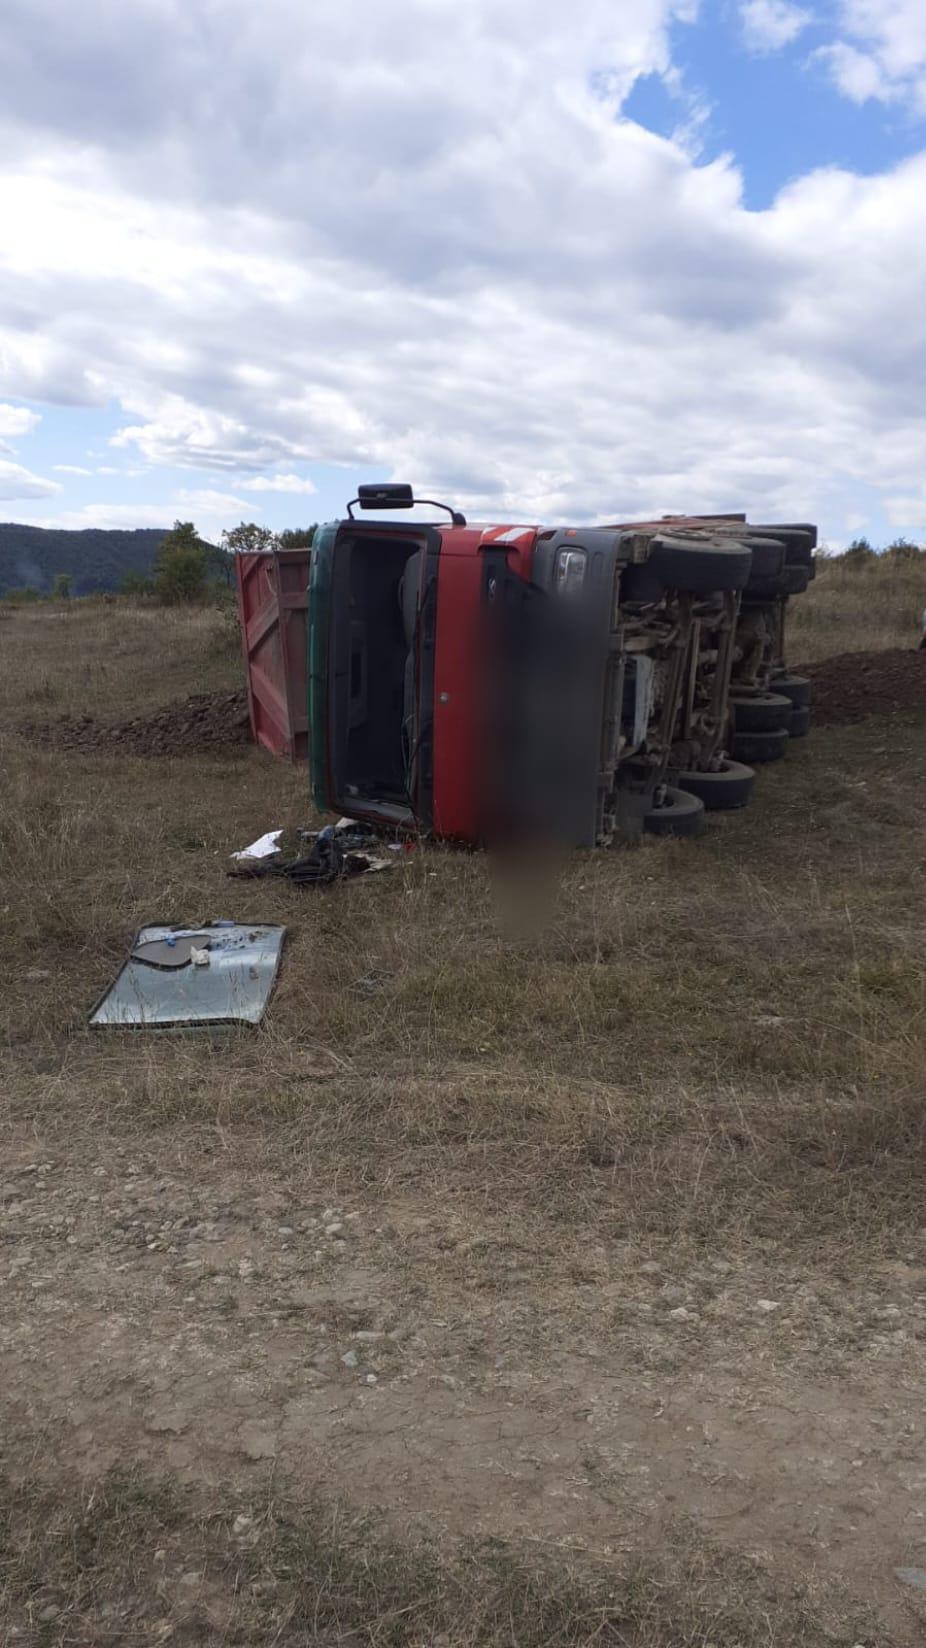 Un bărbat, care conducea un camion încărcat cu balastru, în stare gravă după ce s- răsturnat cu autovehiculul pe câmp